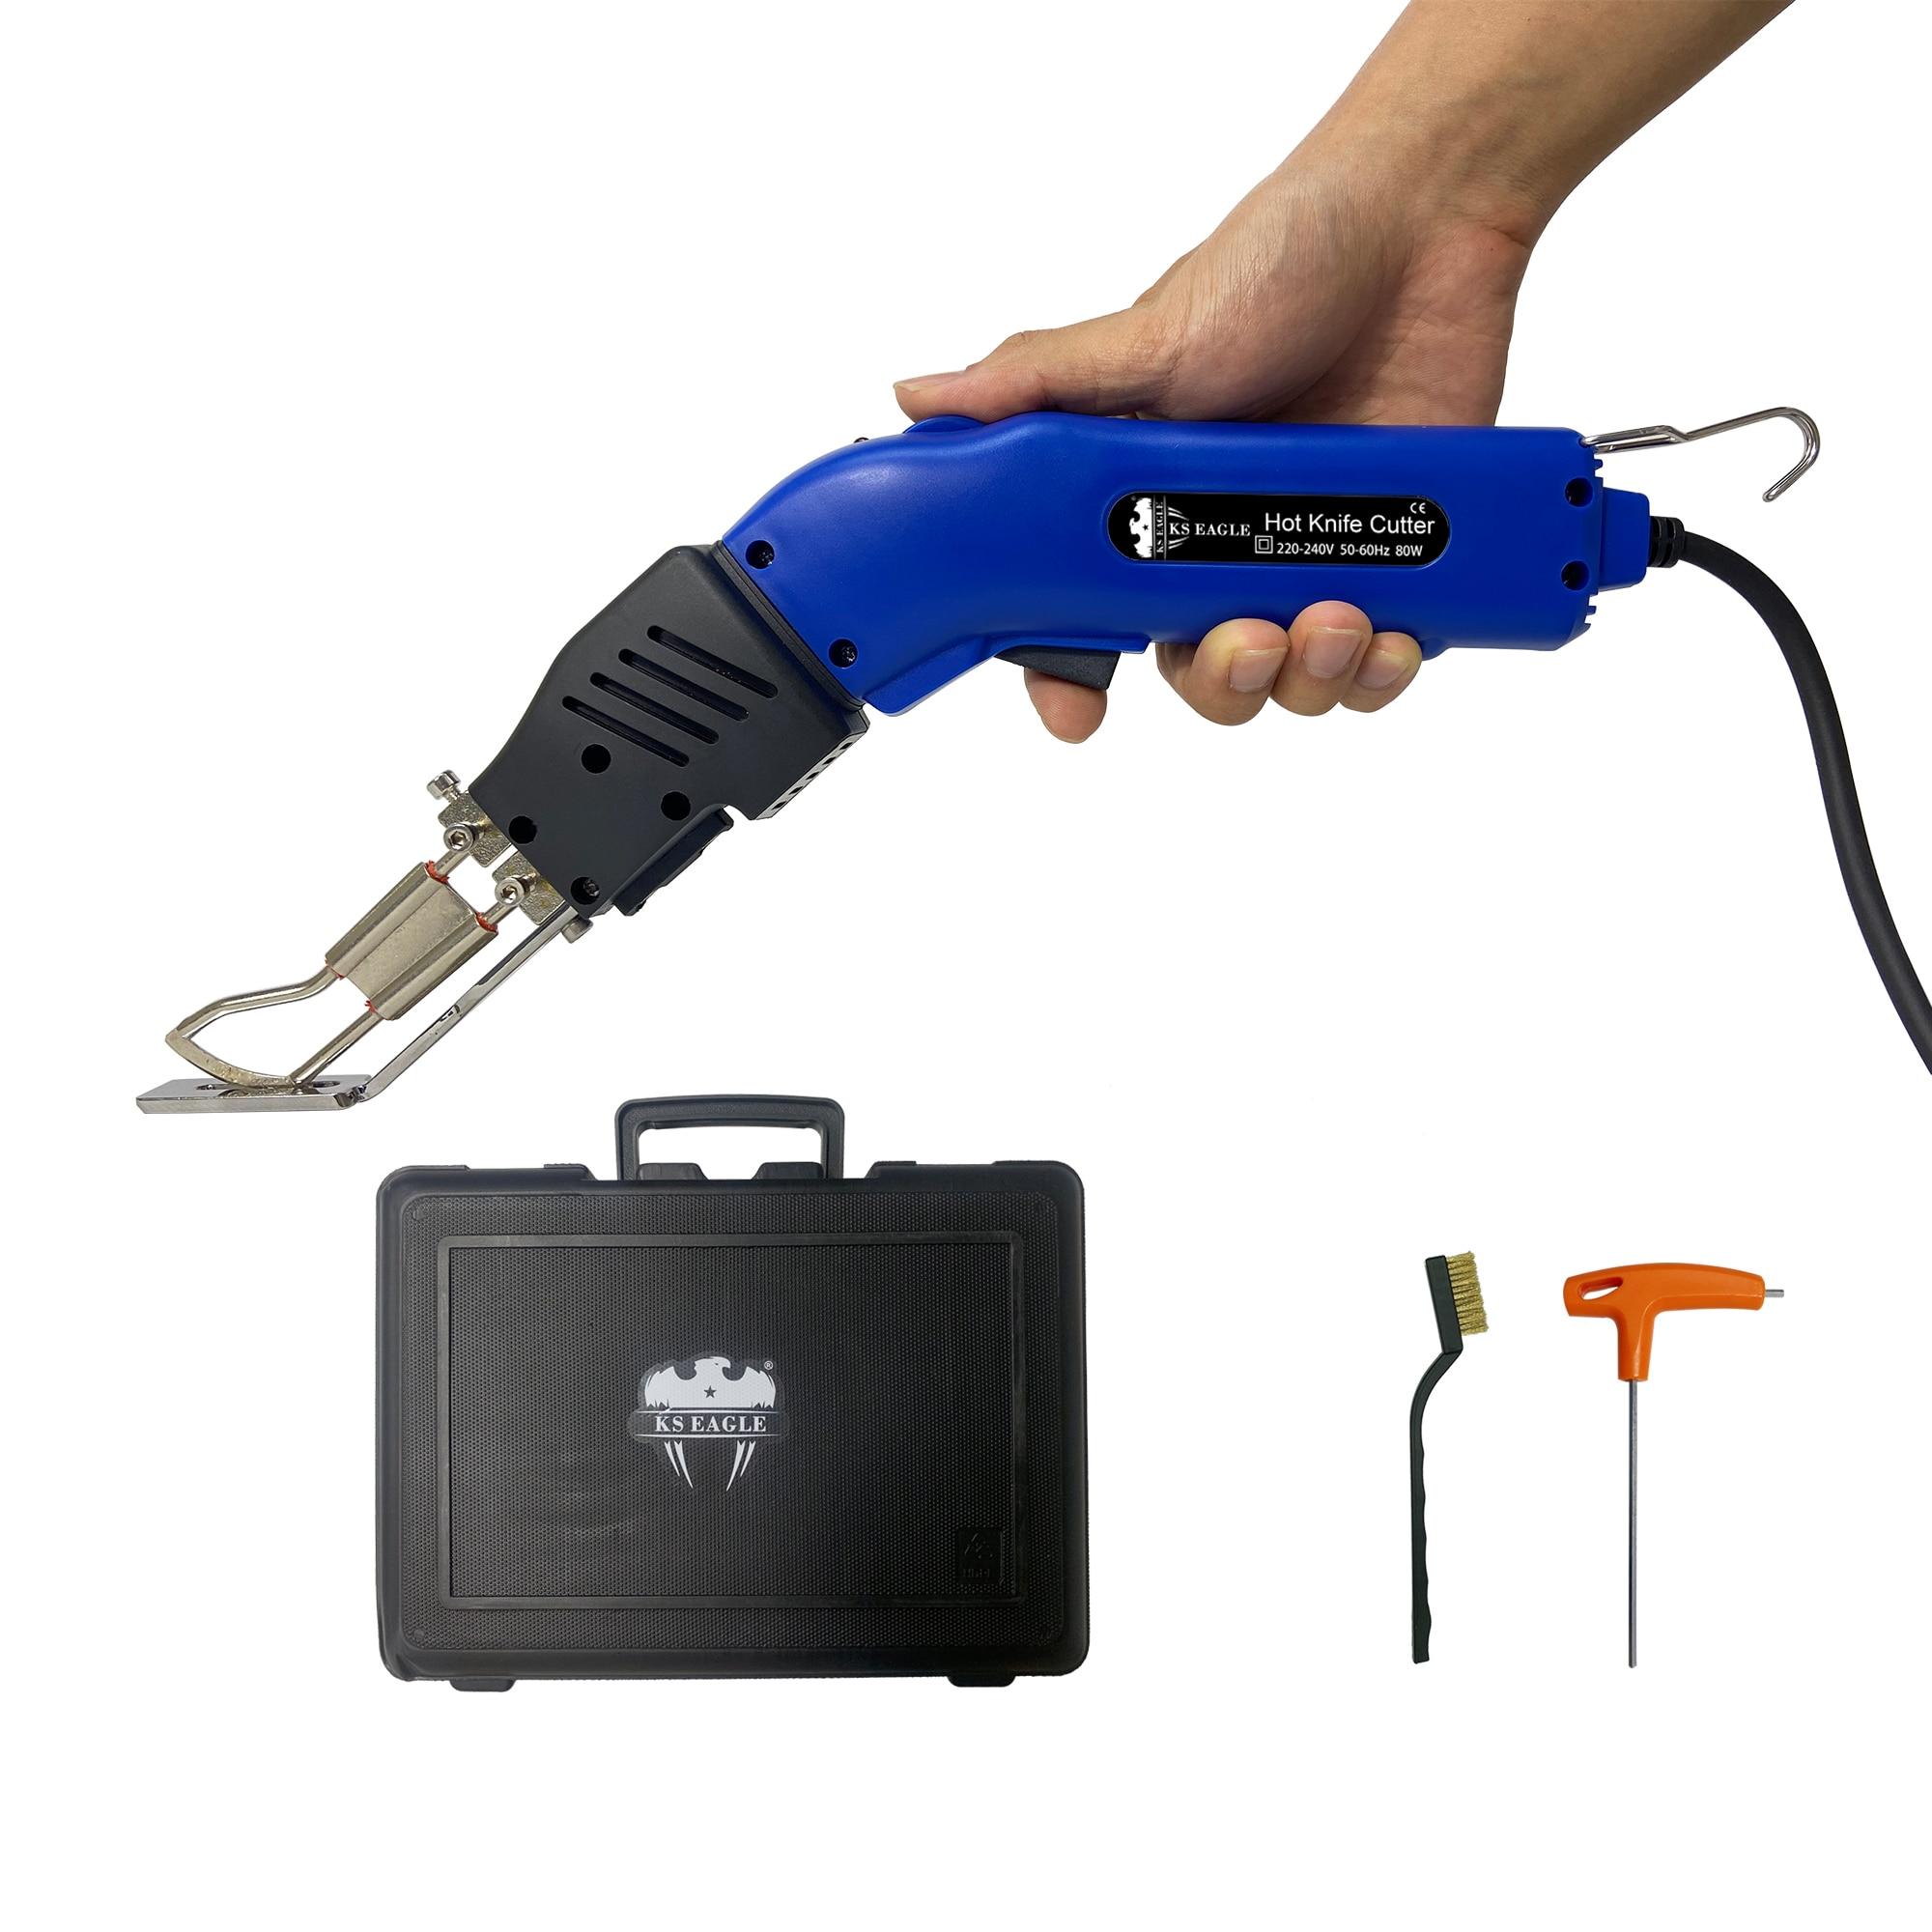 KS النسر الساخن سكين نسيج القاطع الكهربائية الحرارة قاطع أحبال للحبل قماش صوفي حزام R-نوع شفرة مع قطع النسيج القدم